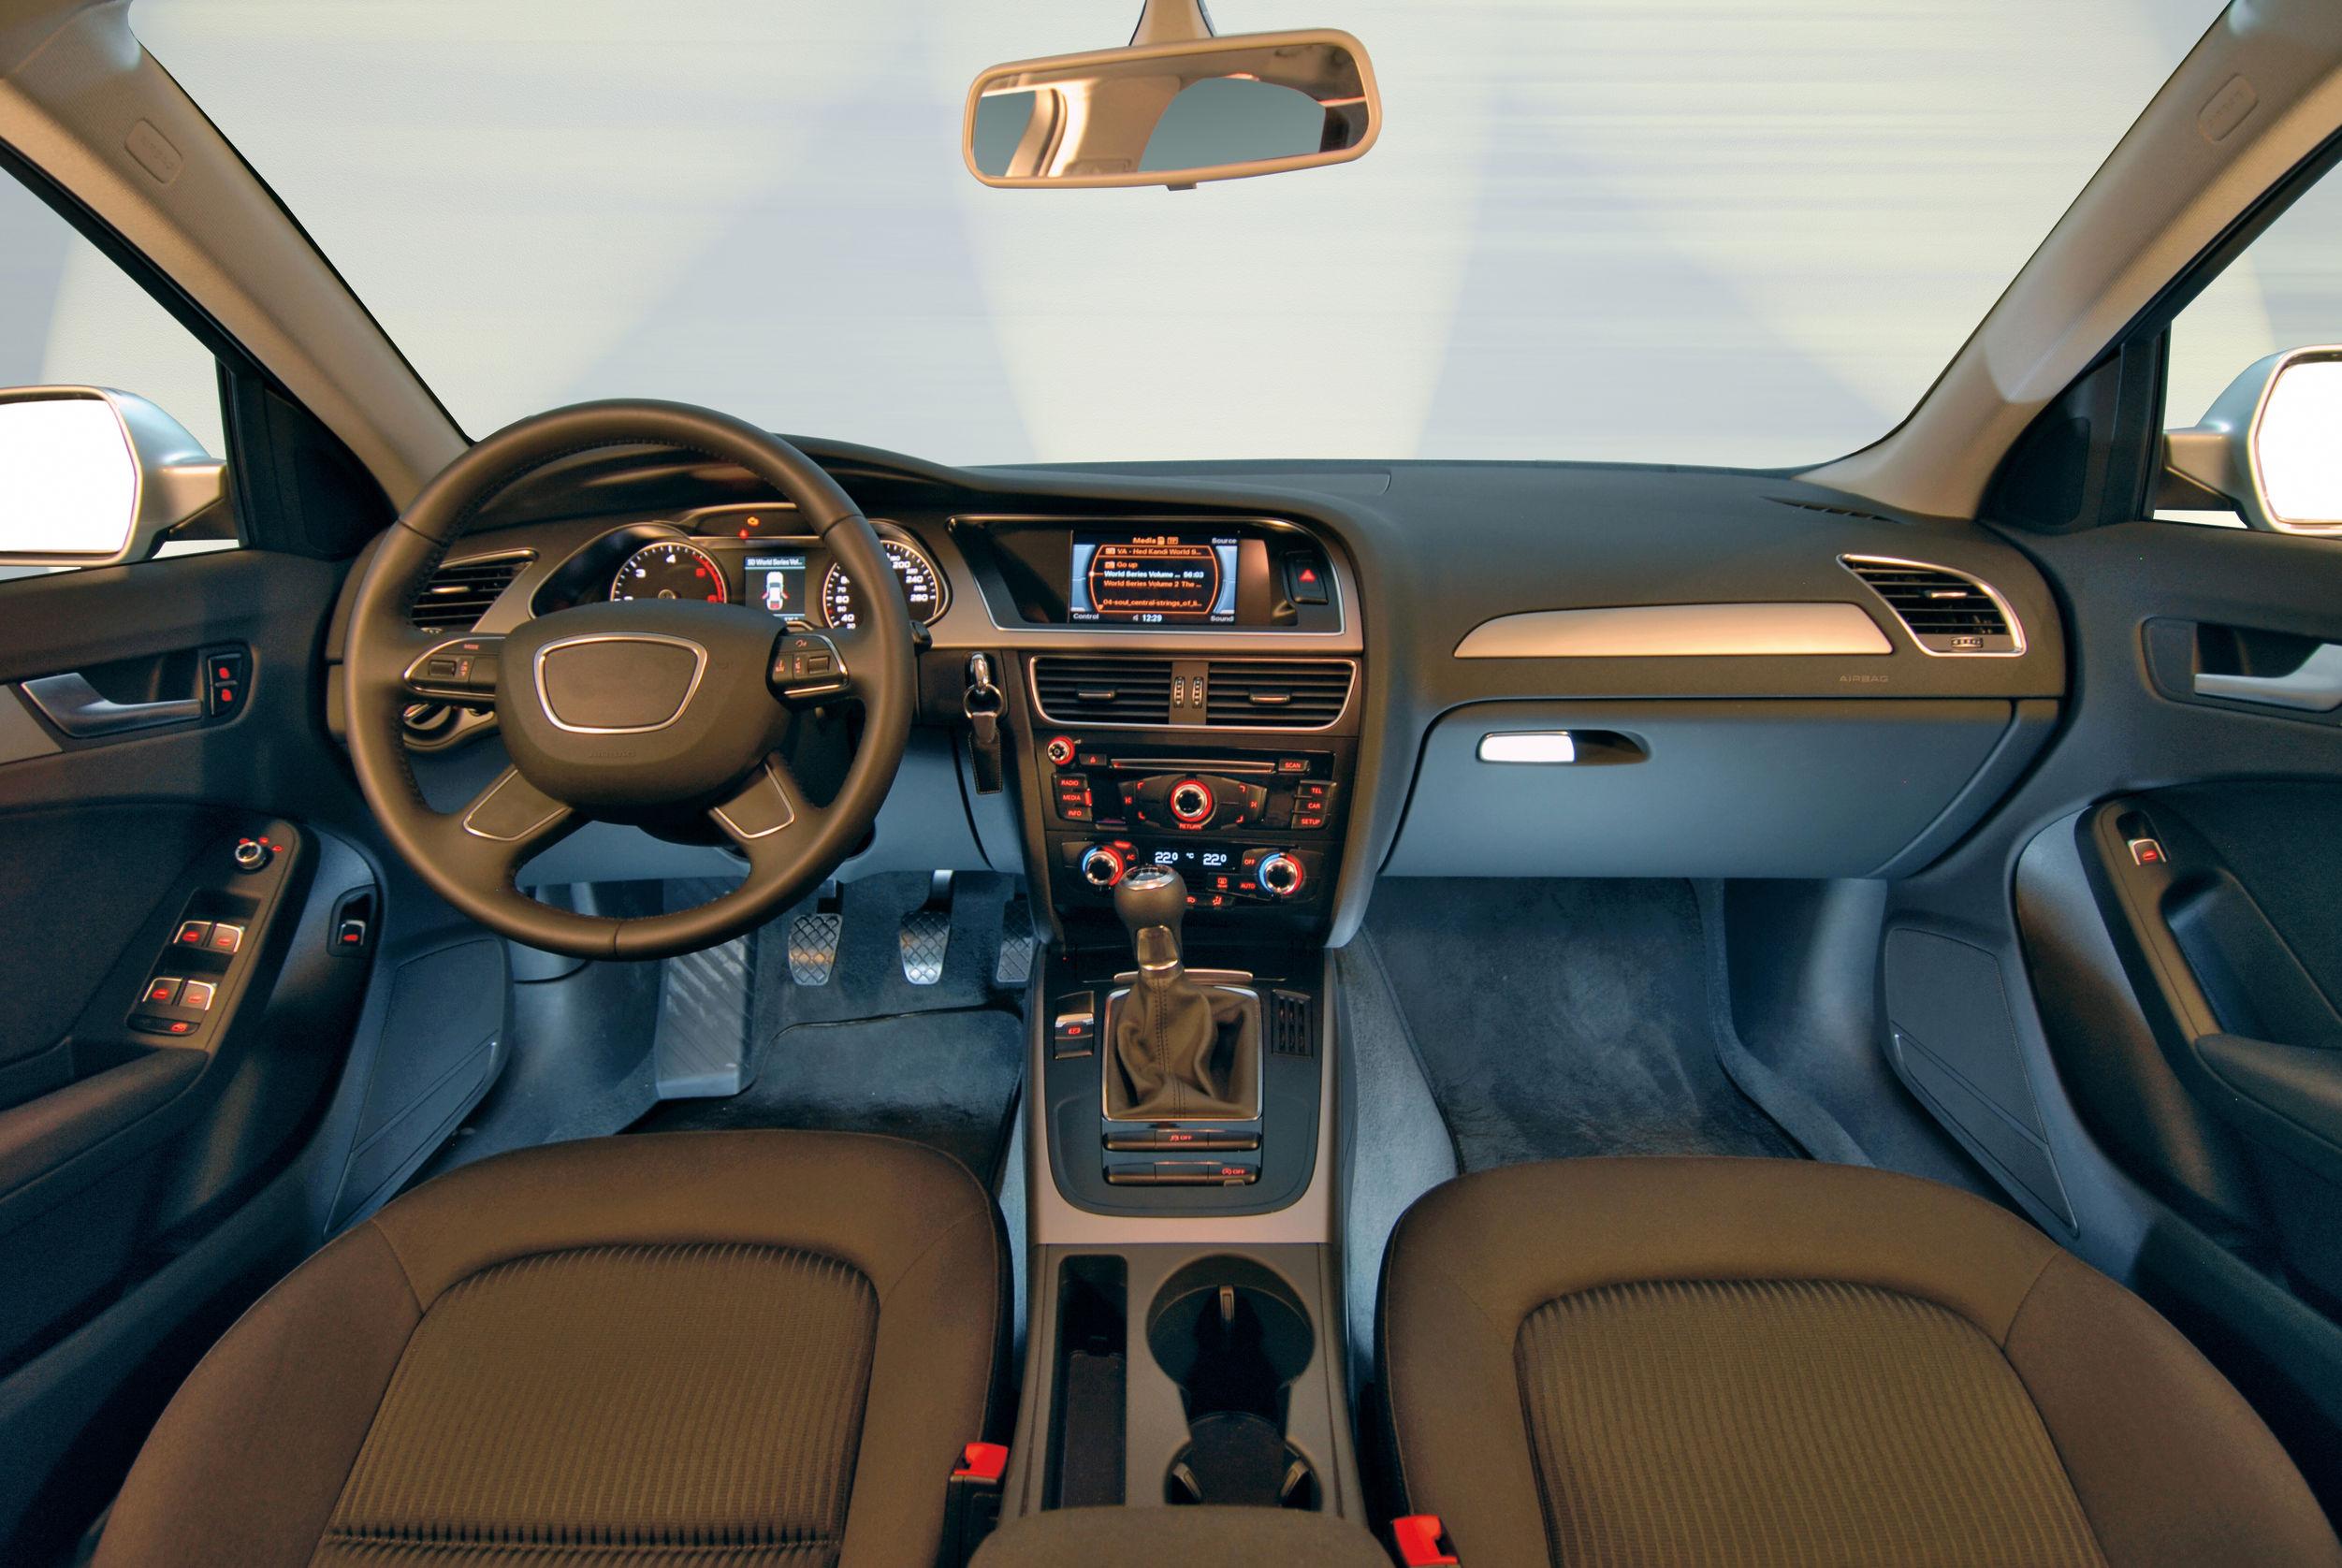 Autositzbezüge: Test & Empfehlungen (05/20)